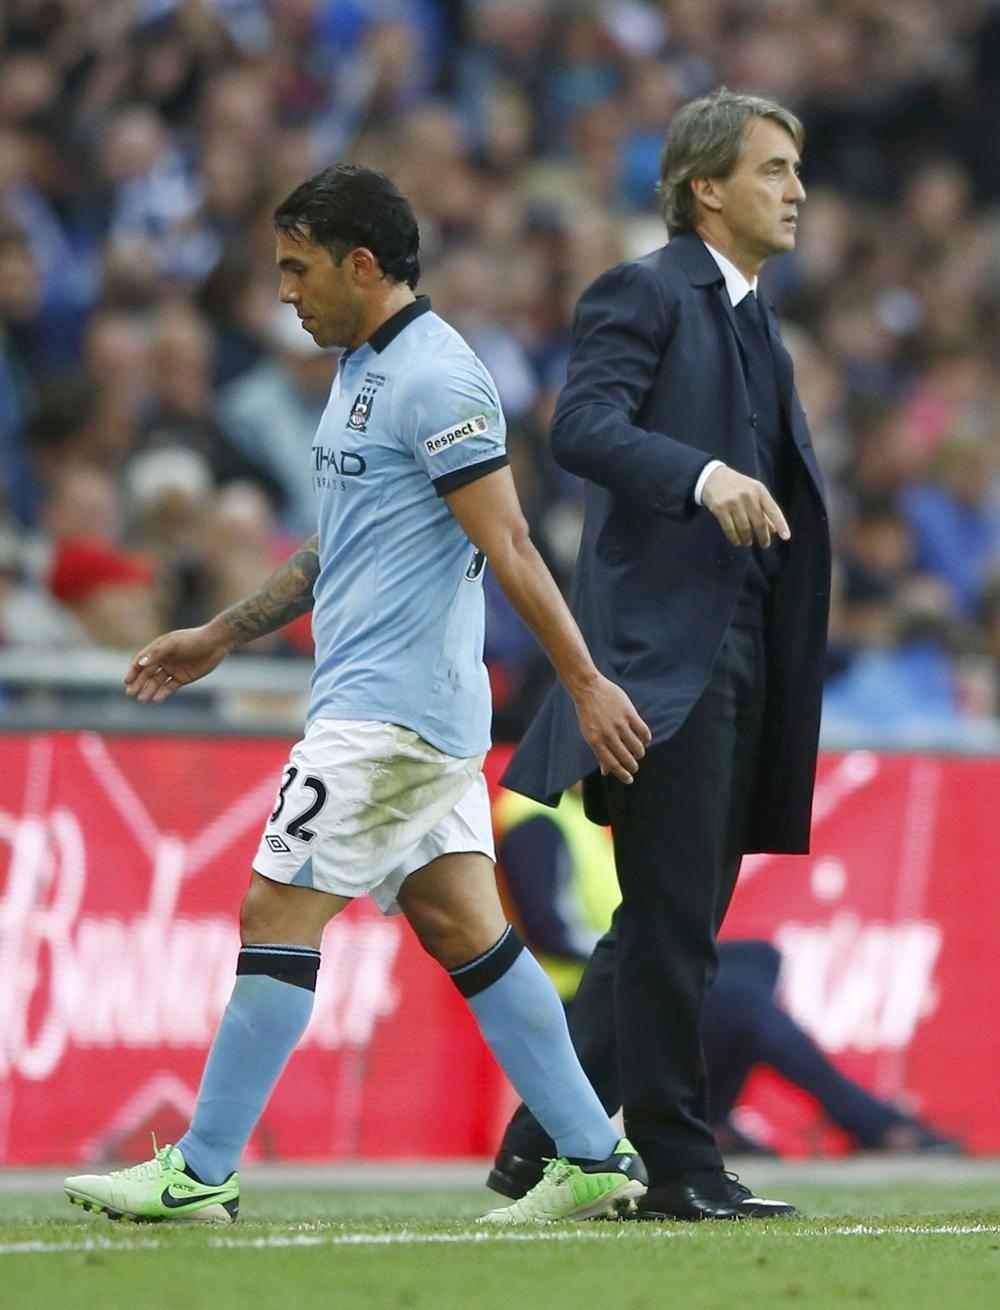 Защитник Кардиффа Бамба ударил своего тренера во время матча